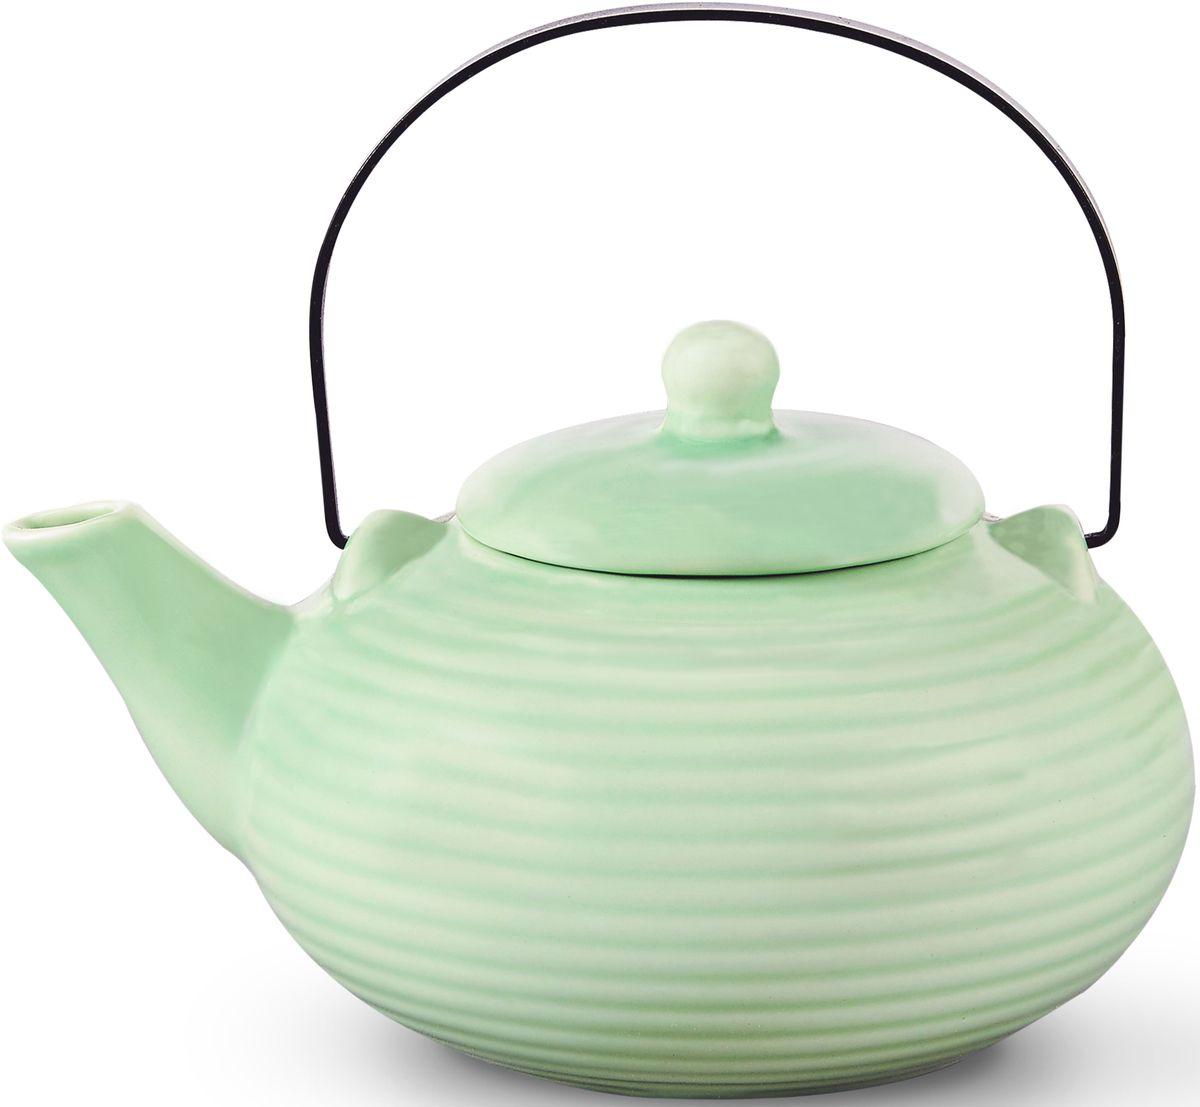 Заварочный чайник Fissman, с ситечком, цвет: ледяной зеленый, 750 мл. 9348TP-9348.750